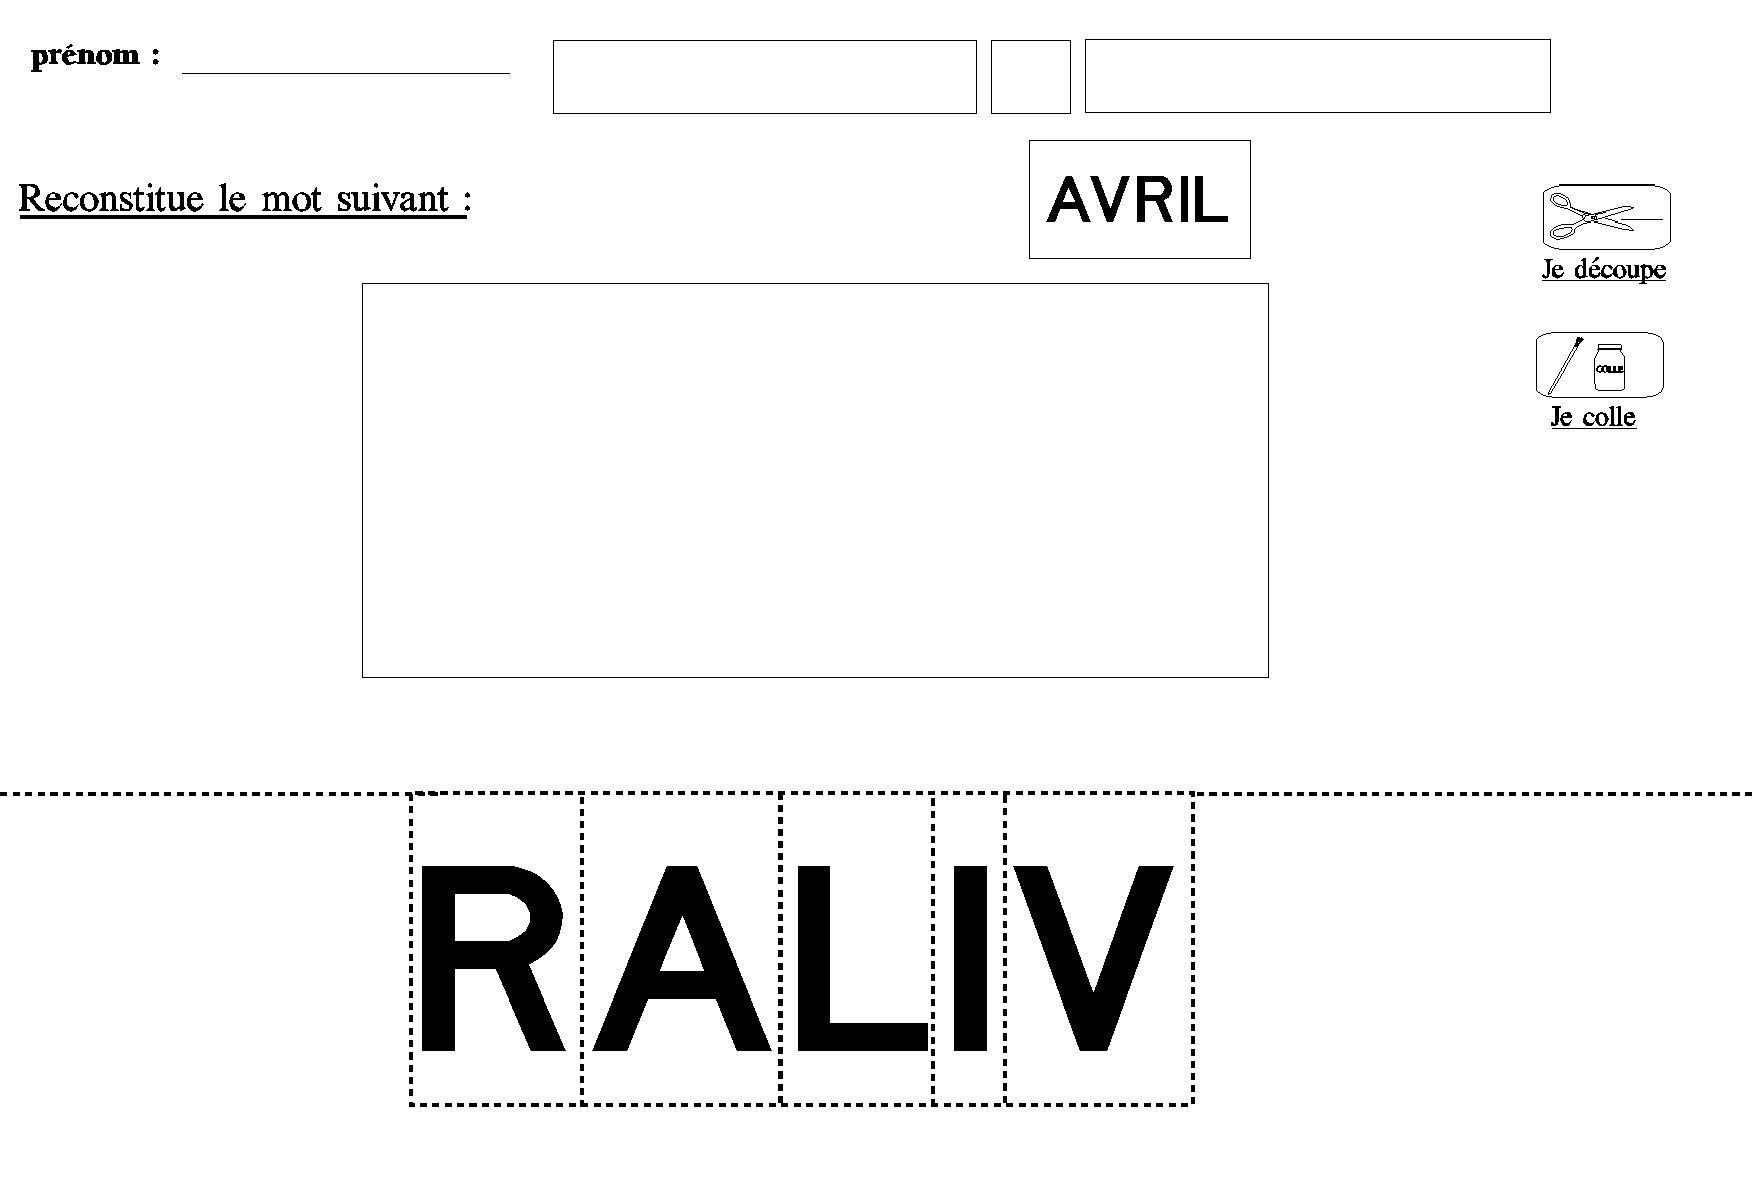 Lire Decouper Coller Les Lettres Capitales Et Composer Le Mot Avril